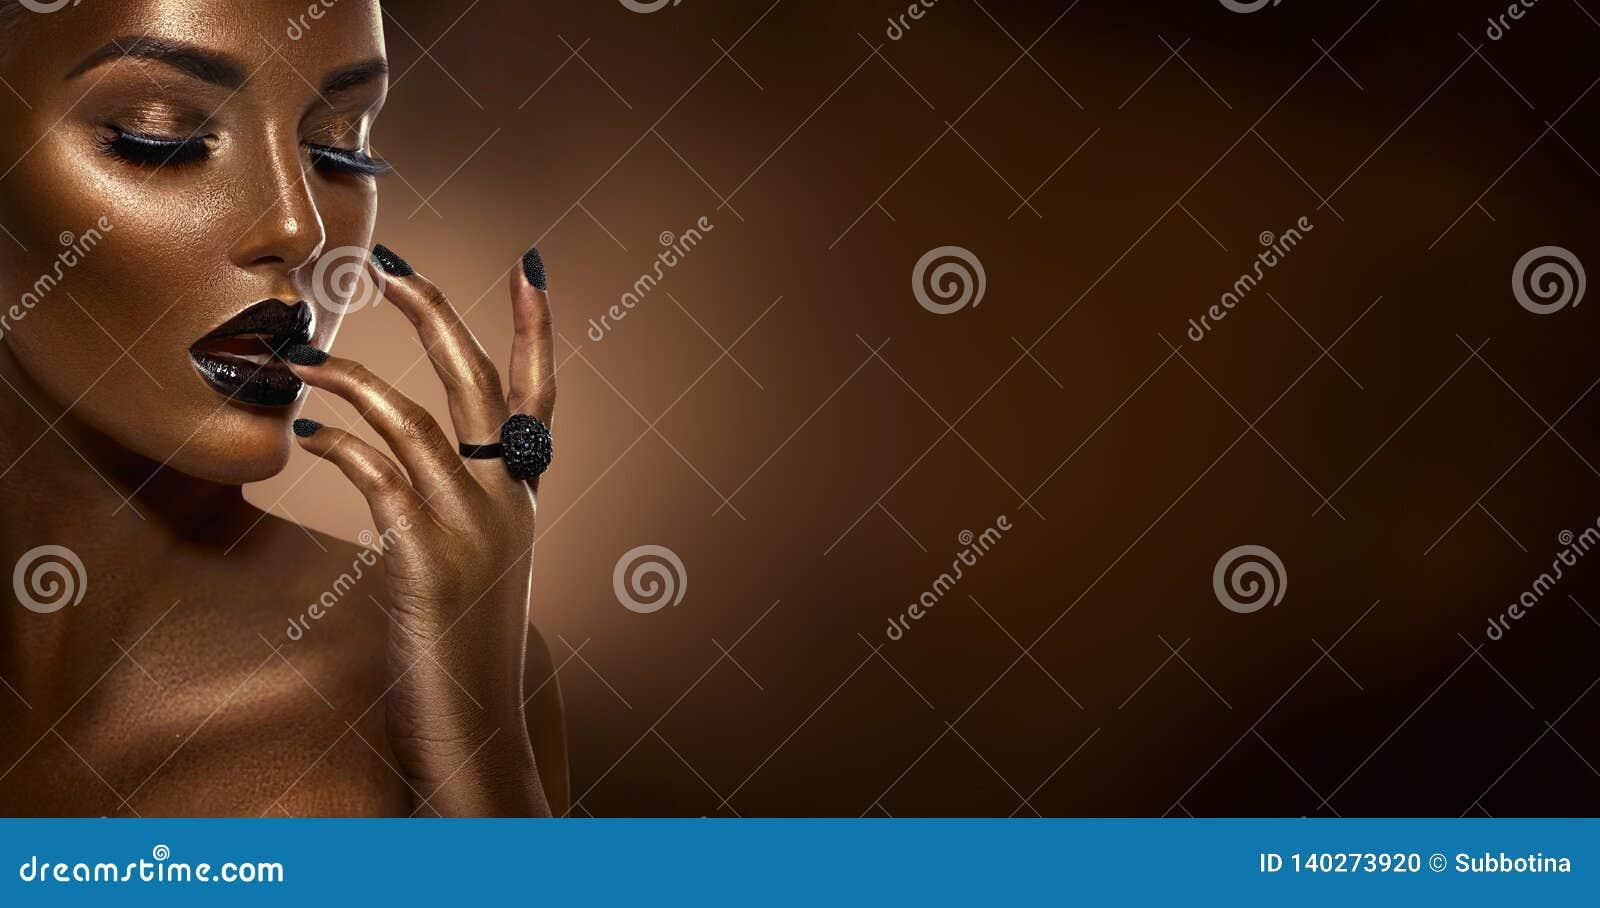 Портрет искусства моды девушки красоты черный над темной коричневой предпосылкой Профессиональные состав и маникюр